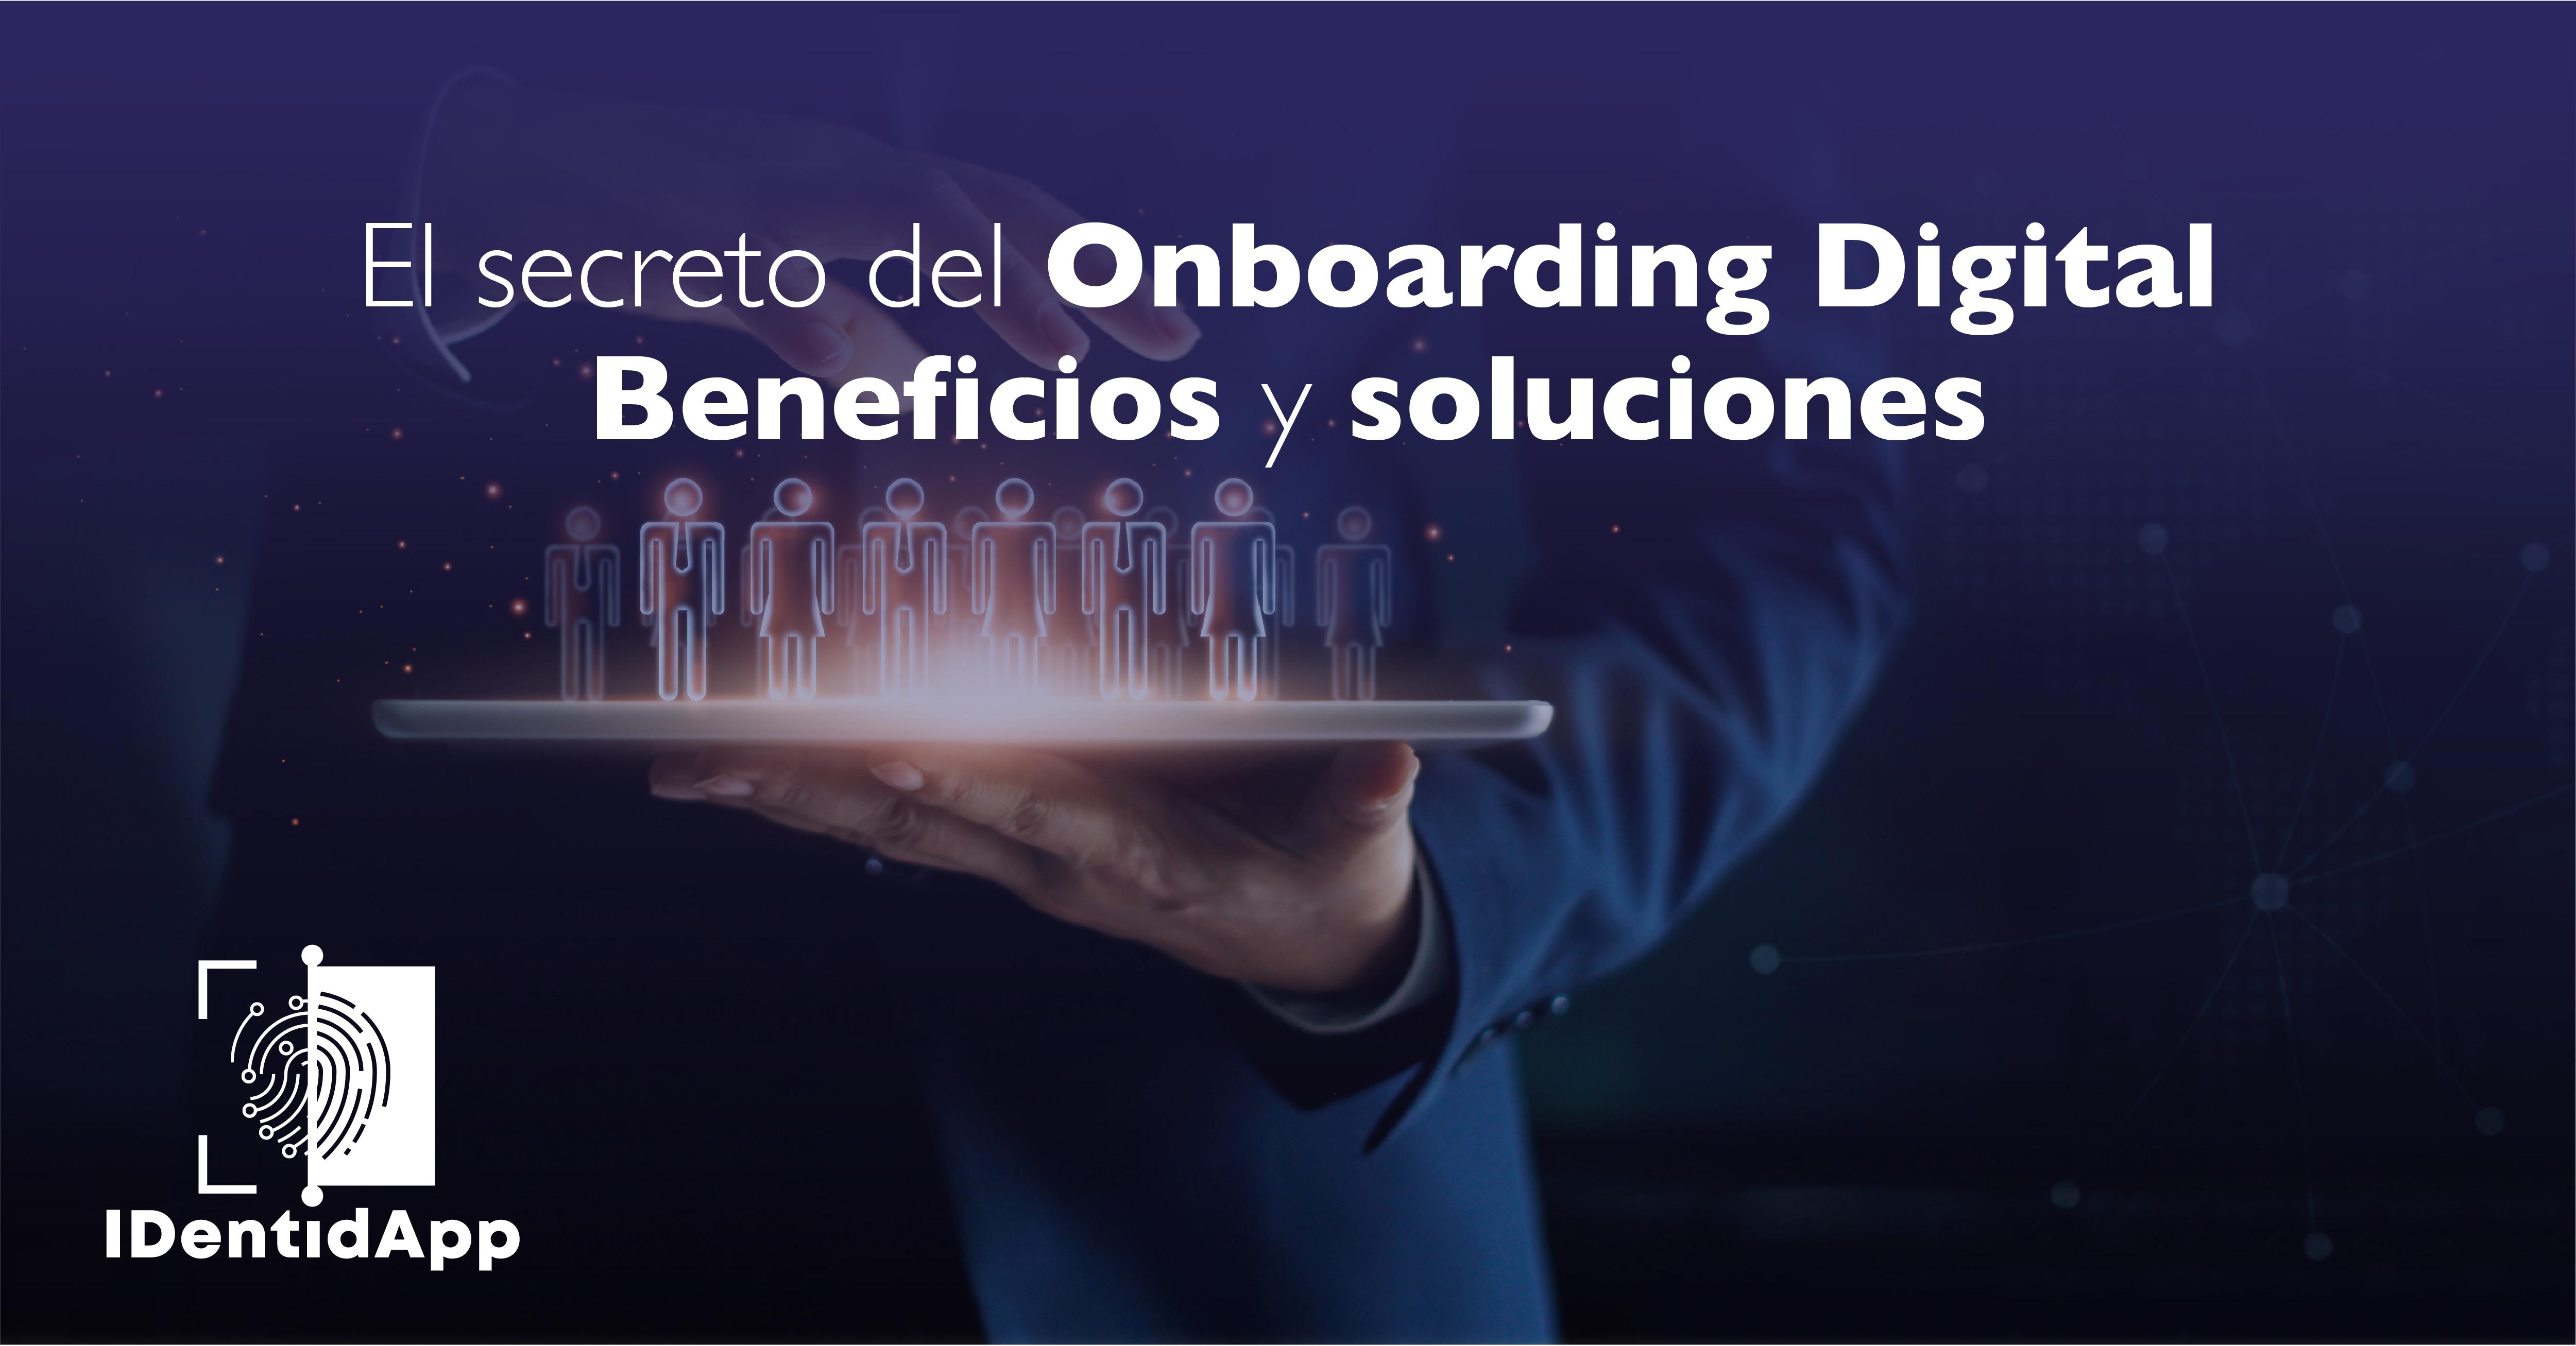 El secreto del Onboarding Digital. Beneficios y soluciones